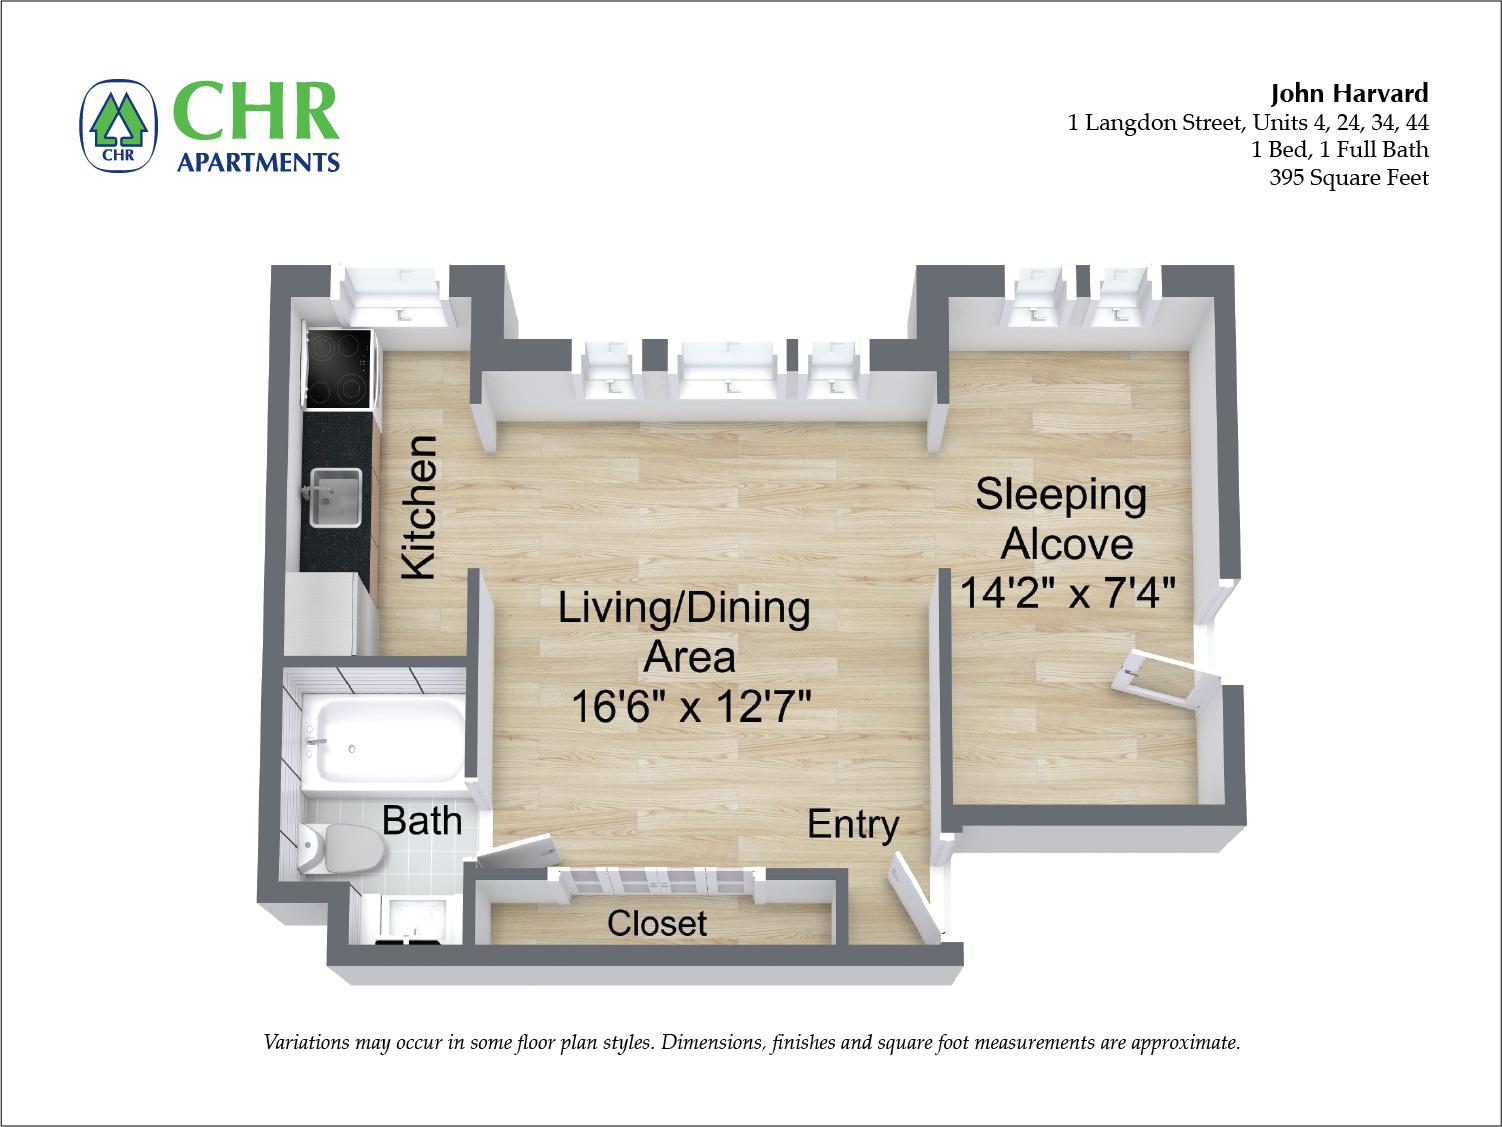 Click to view John Harvard - 1 Bedroom floor plan gallery